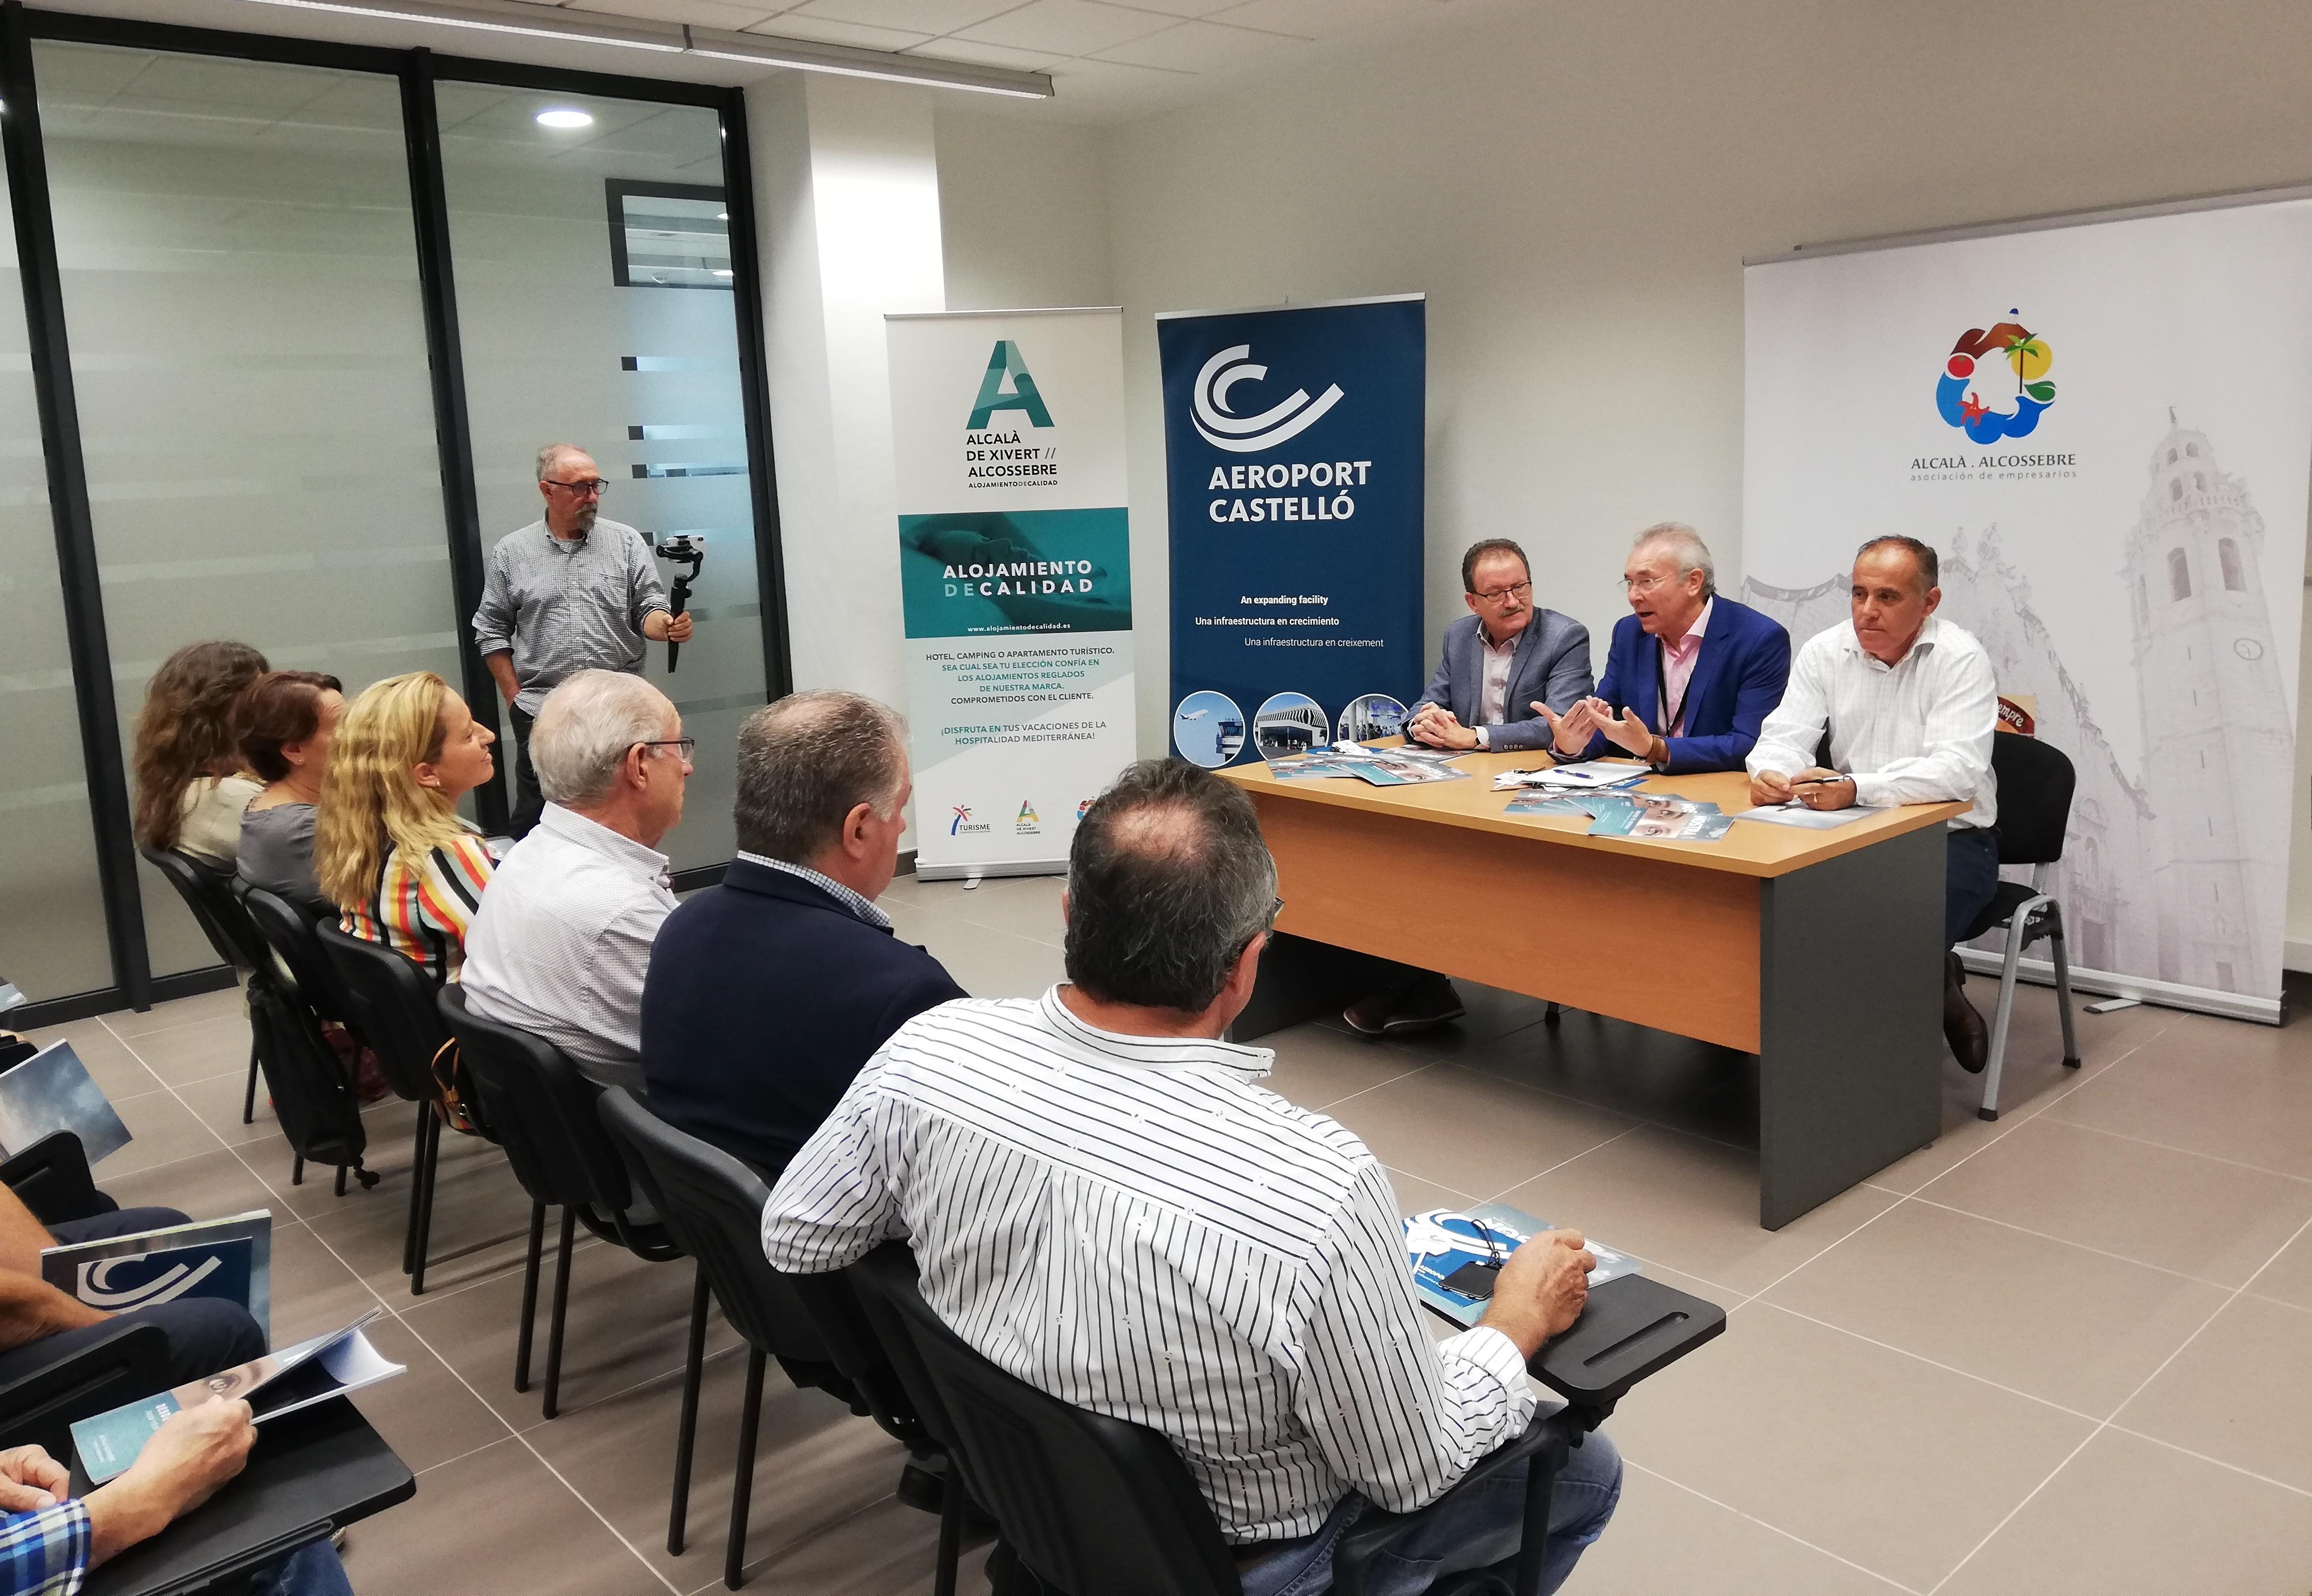 """L""""aeroport de Castelló promou les seues noves rutes davant de l""""empresariat d""""Alcalà-Alcossebre"""